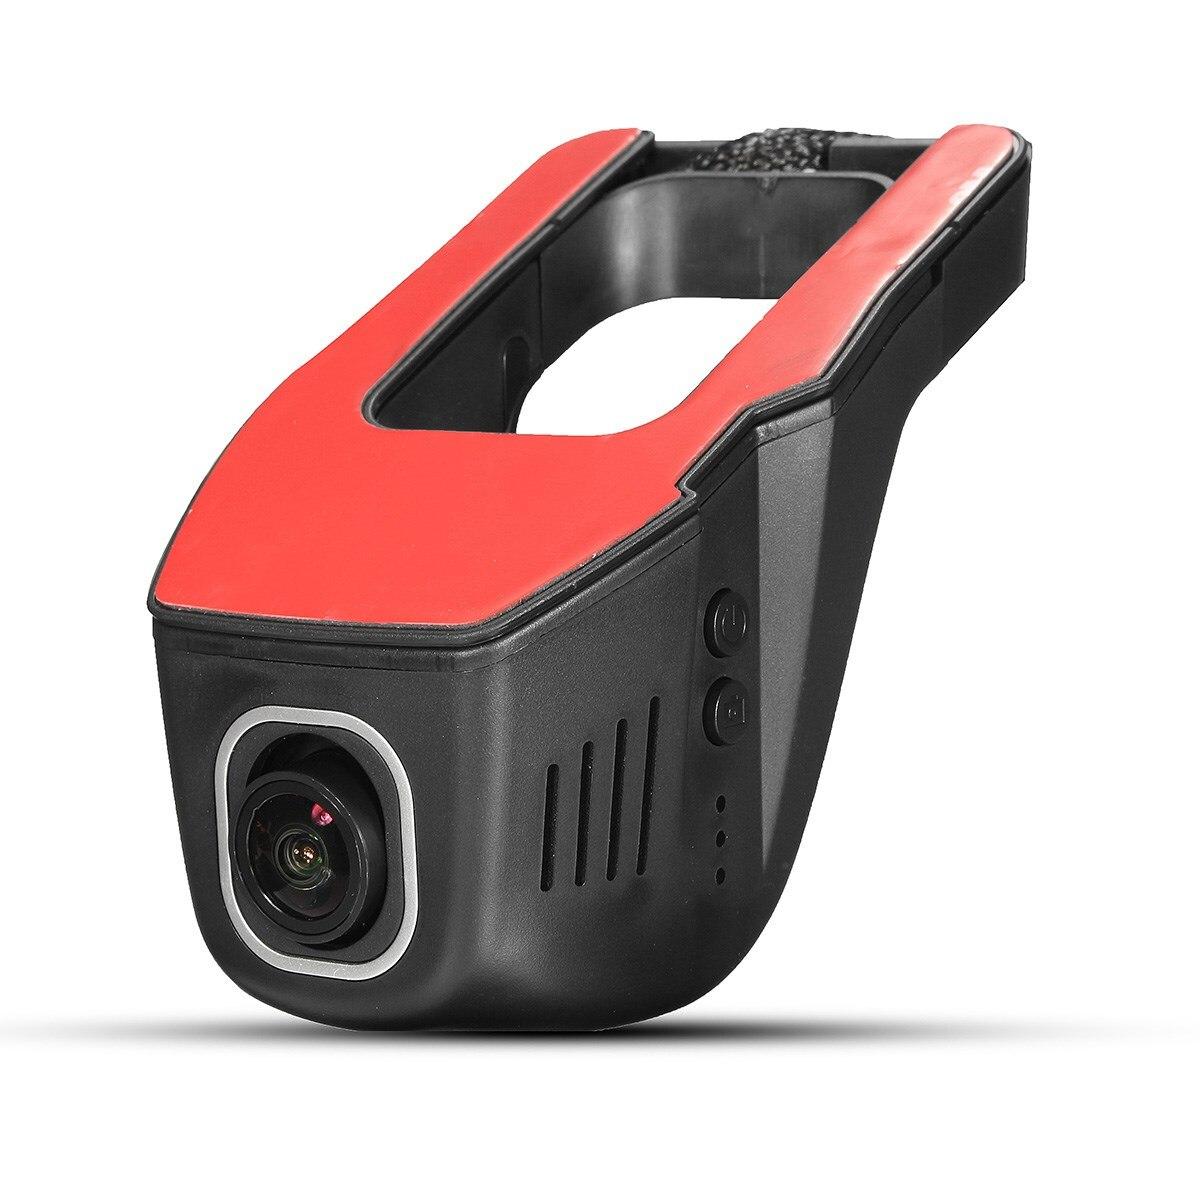 Coche DVR digital video recorder videocámara Dash Cámara CAM 1080 p noche versión Novatek 96655 IMX 322 323 jooy A1 wifi